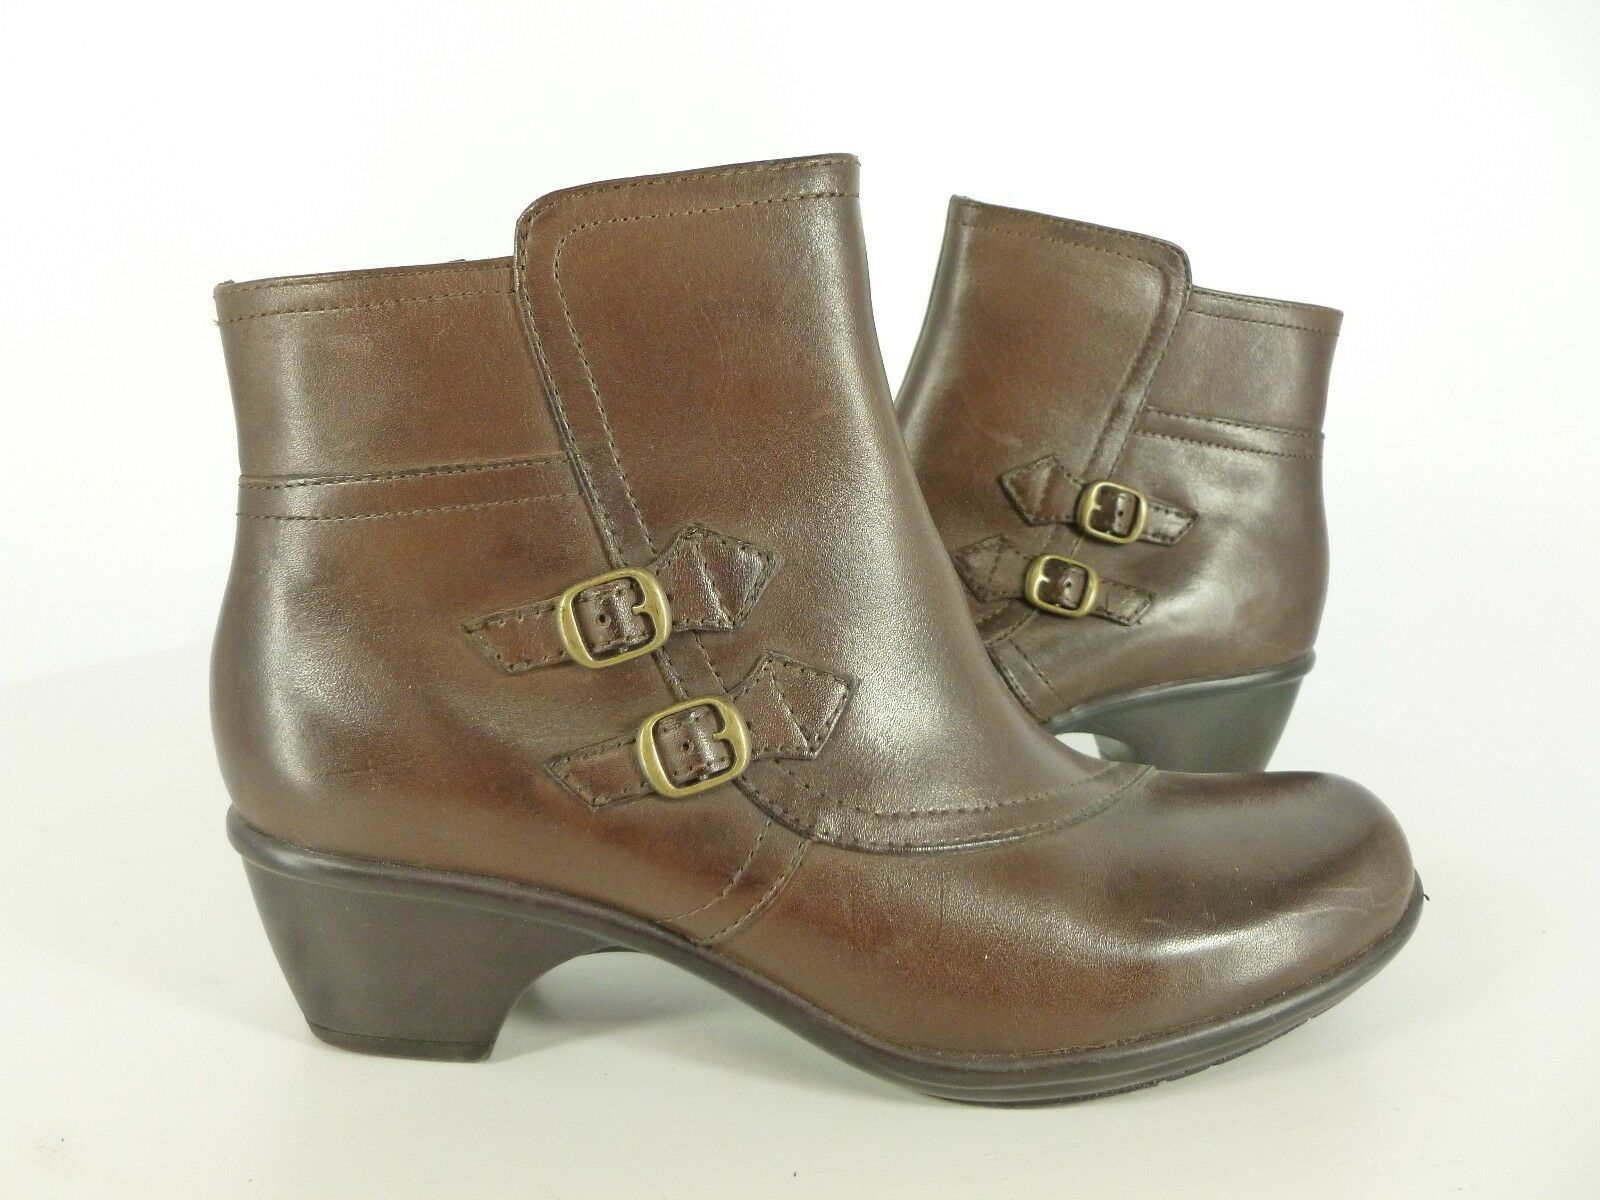 Damenschuhe Clark's Braun Fashion Ankle Stiefel Heels Zipper 84045 Größe 9 Inside Zipper Heels Zip 6a3e9b